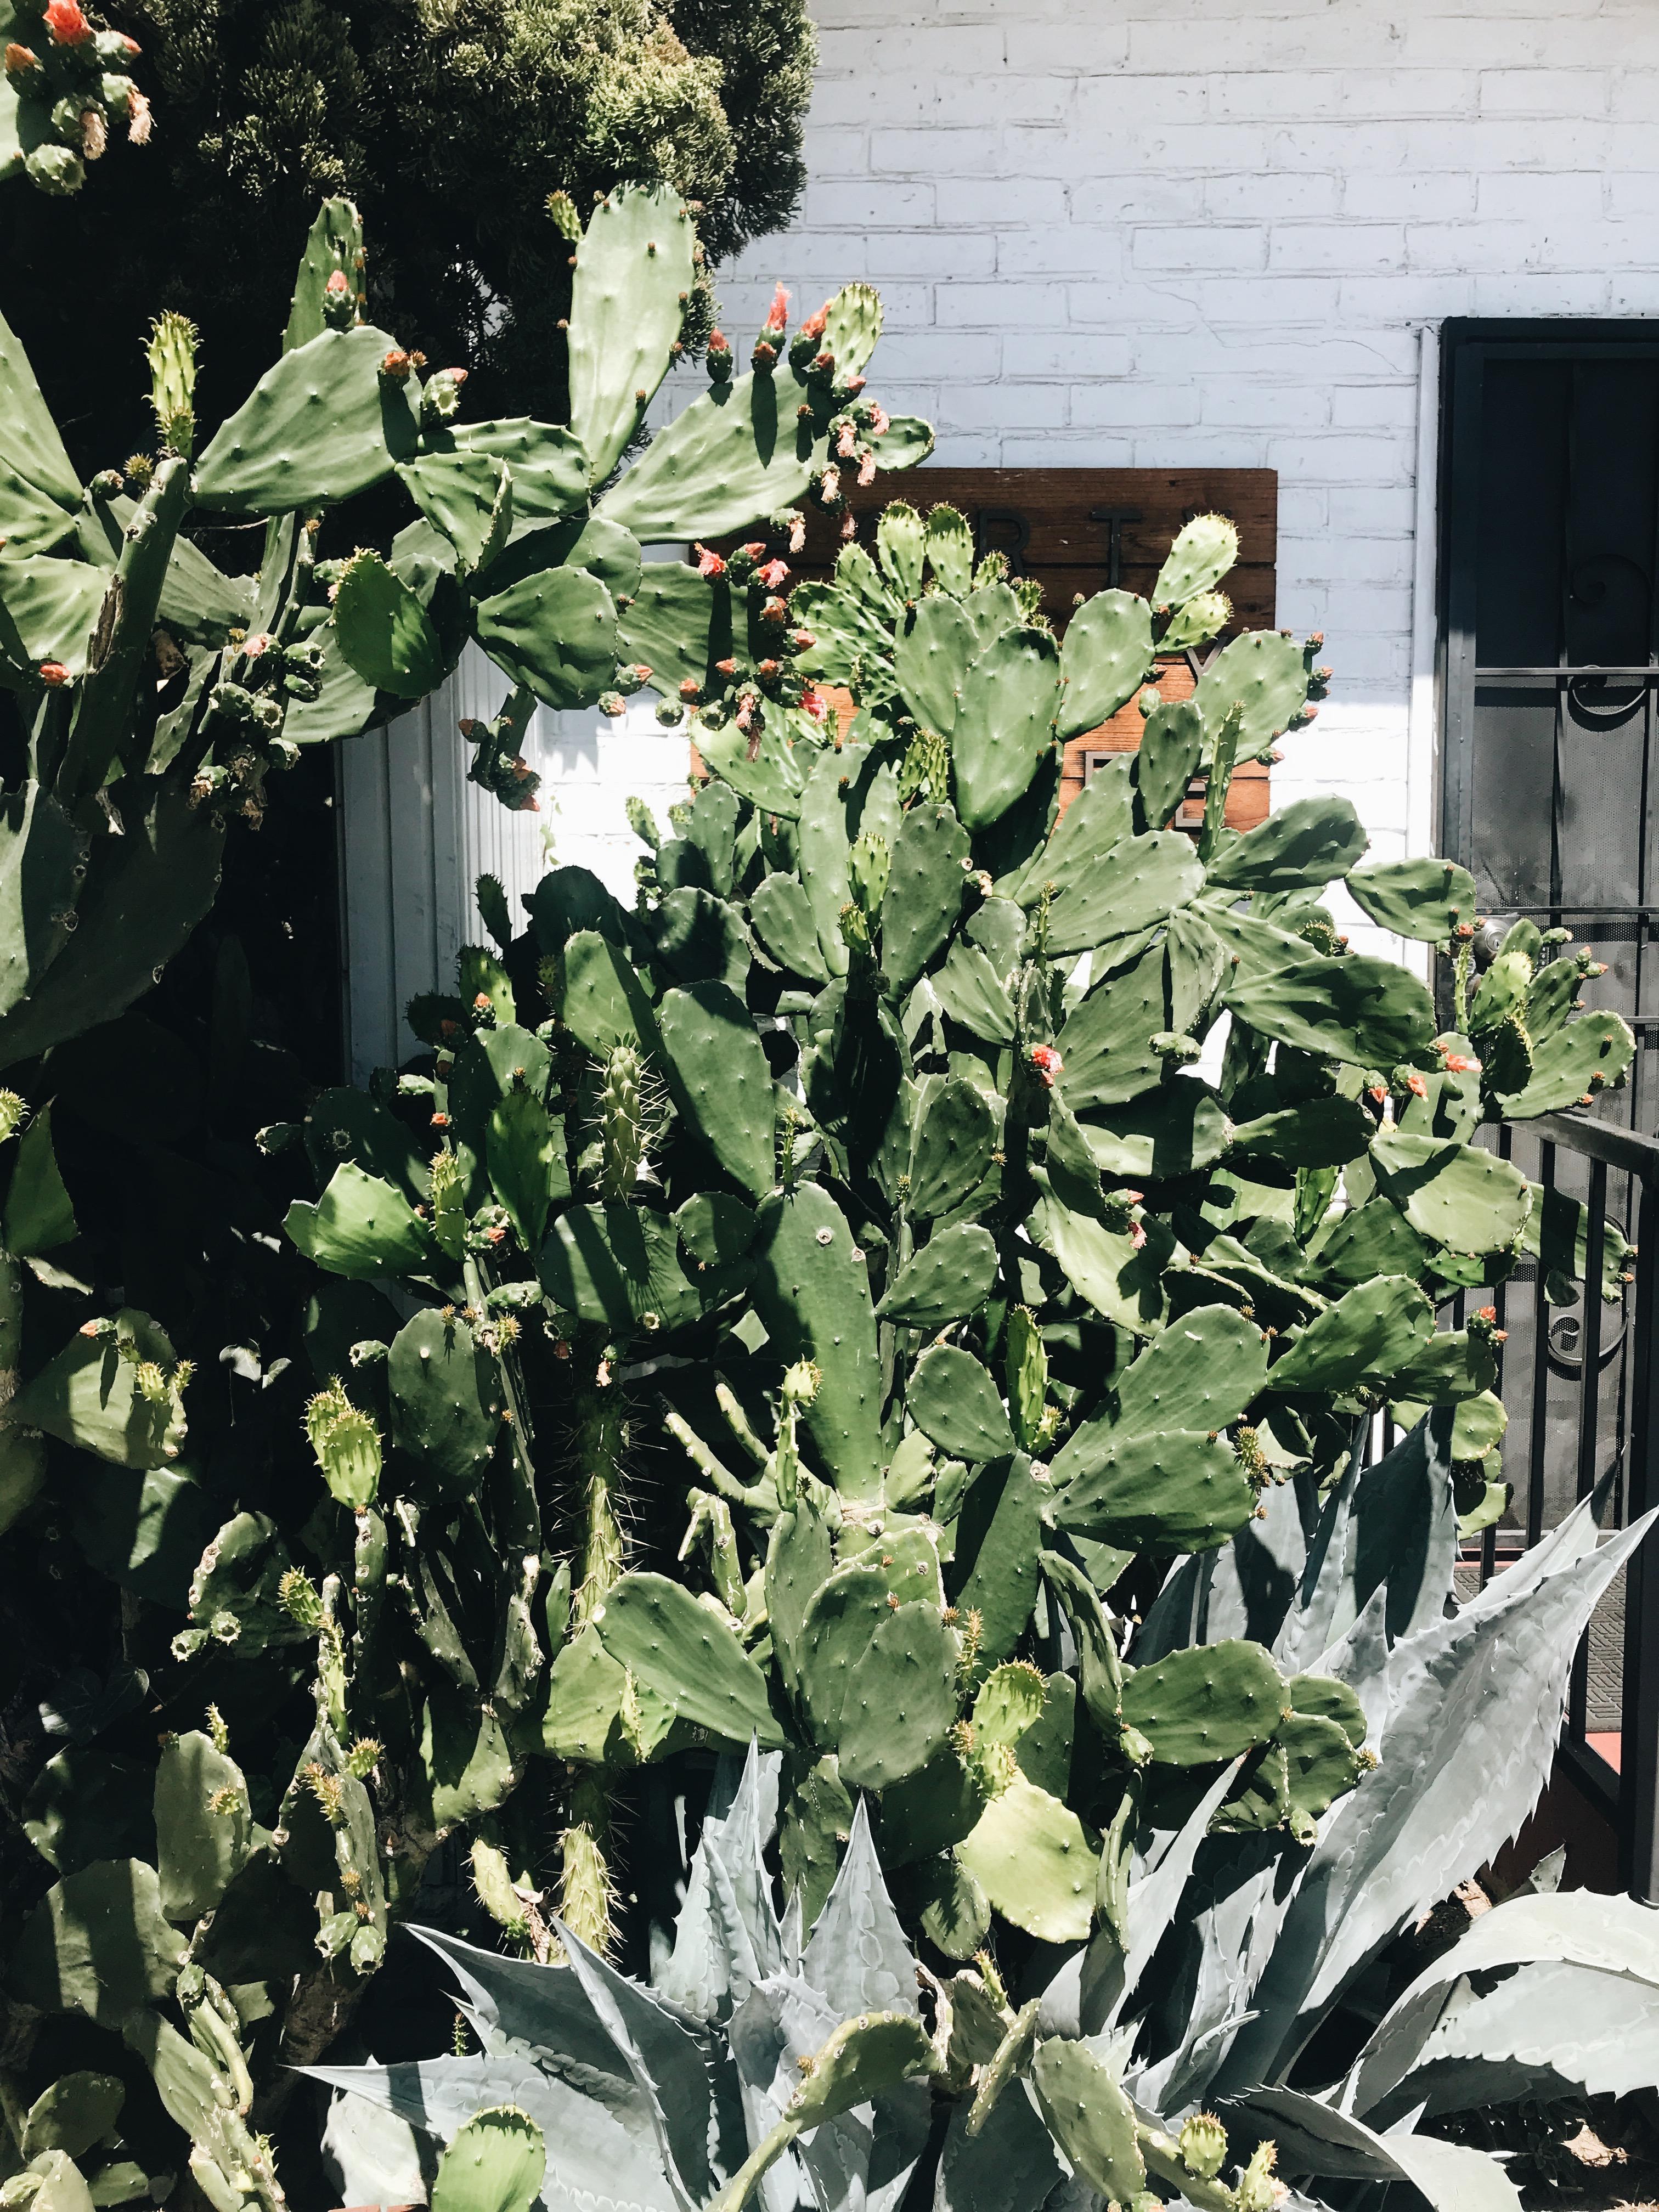 cactus in L.A.